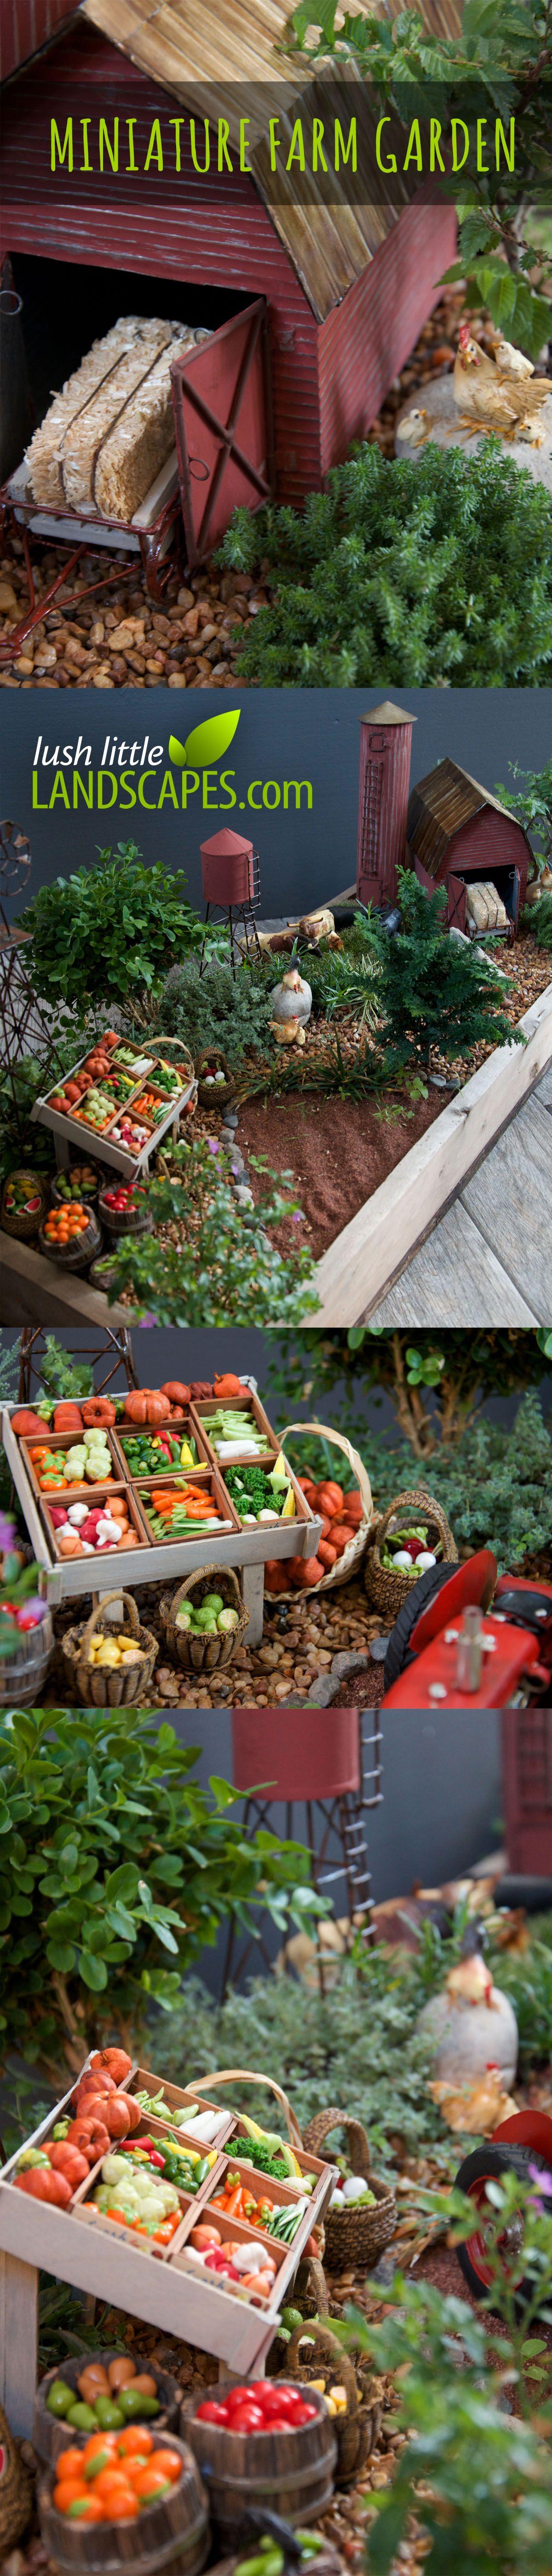 Gnome Garden: Miniature Farm Garden Preview